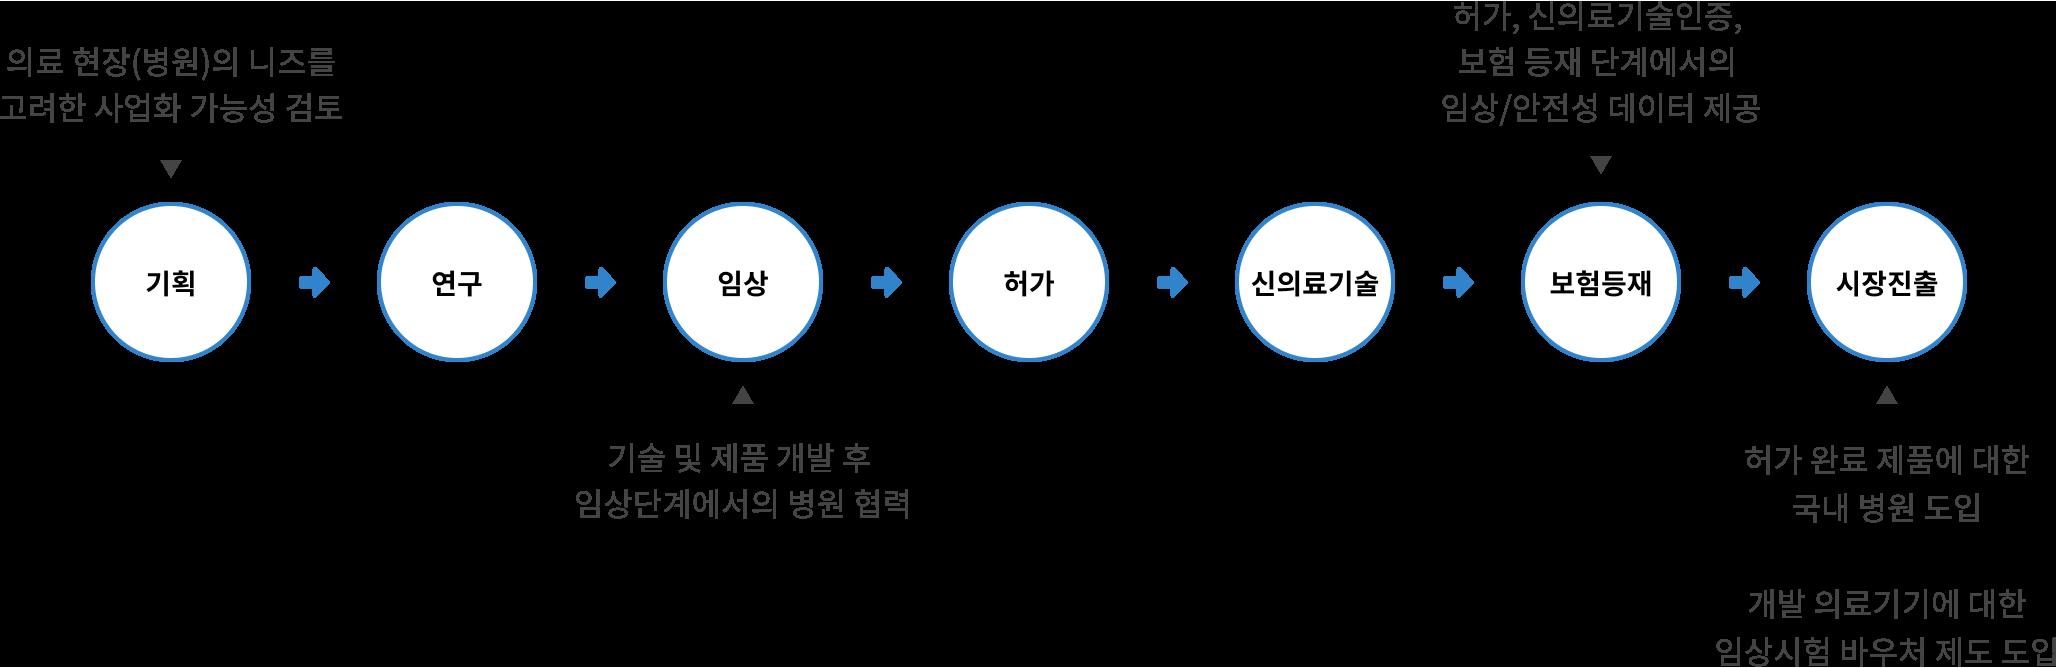 2. 추진체계